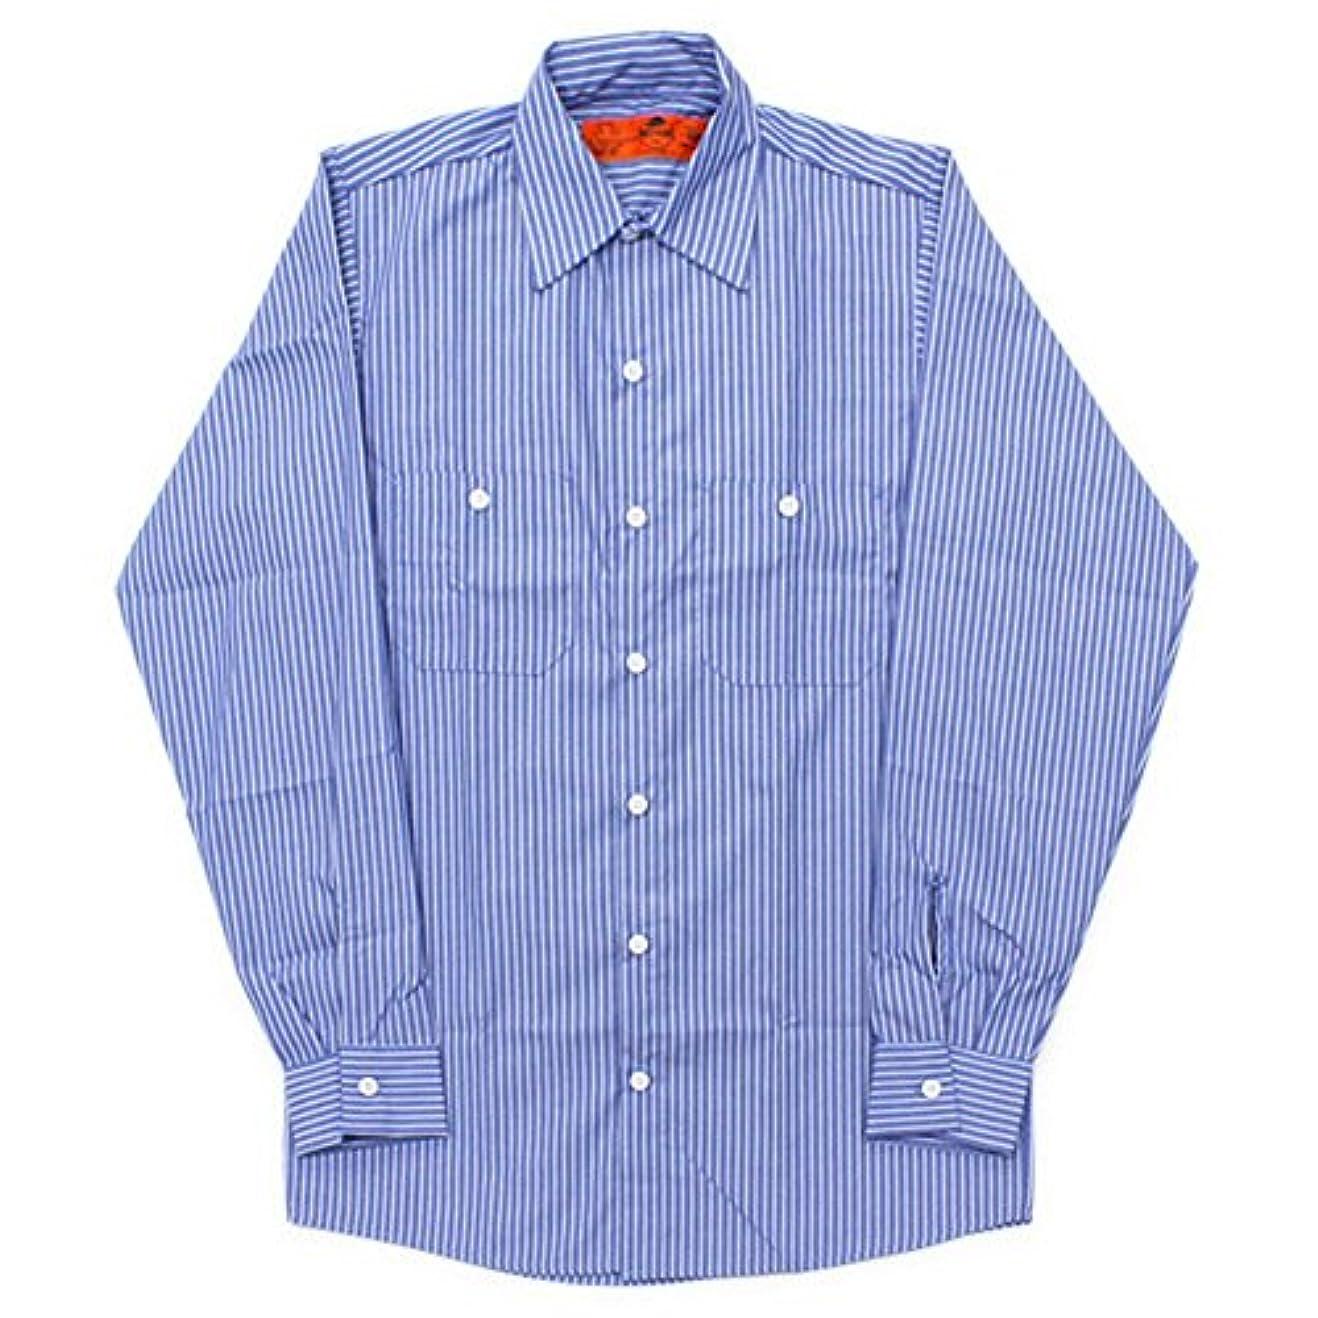 アパル解放する解放するRED KAP(レッドキャップ)/LONG SLEEVE STRIPE WORK SHIRTS(長袖ストライプワークシャツ) XL Blue/White